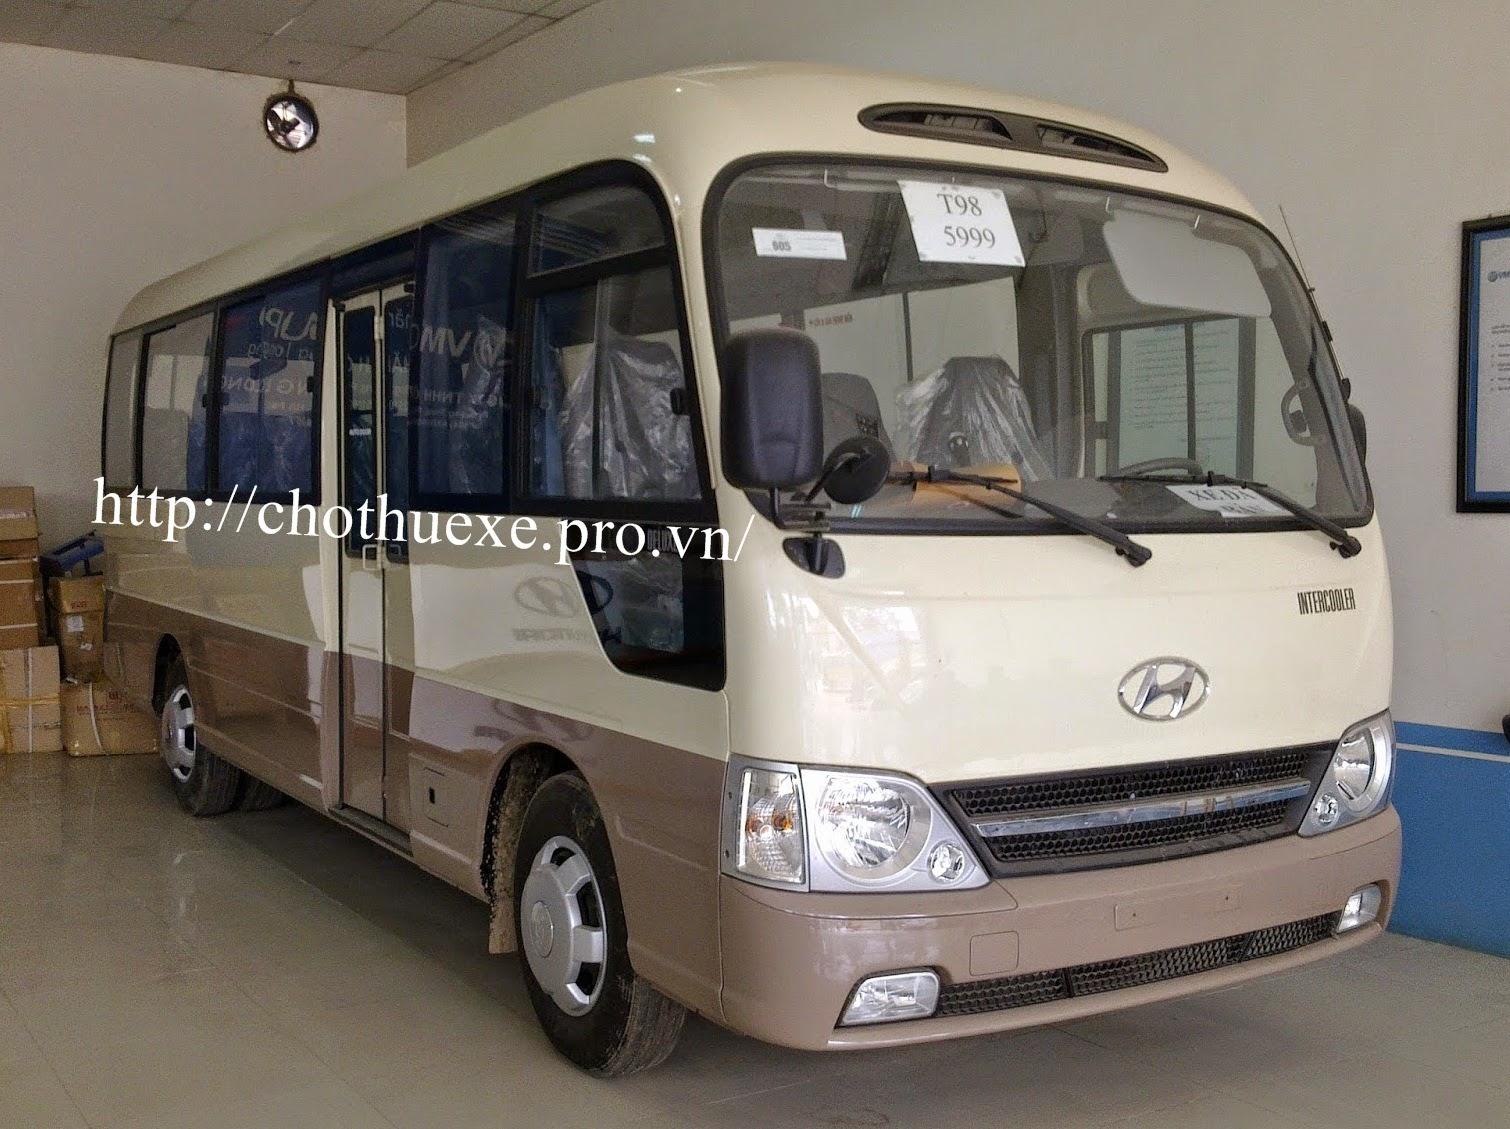 Cho thuê xe ô tô 29 - 30 chỗ ngồi tại Hà Nội đời mới